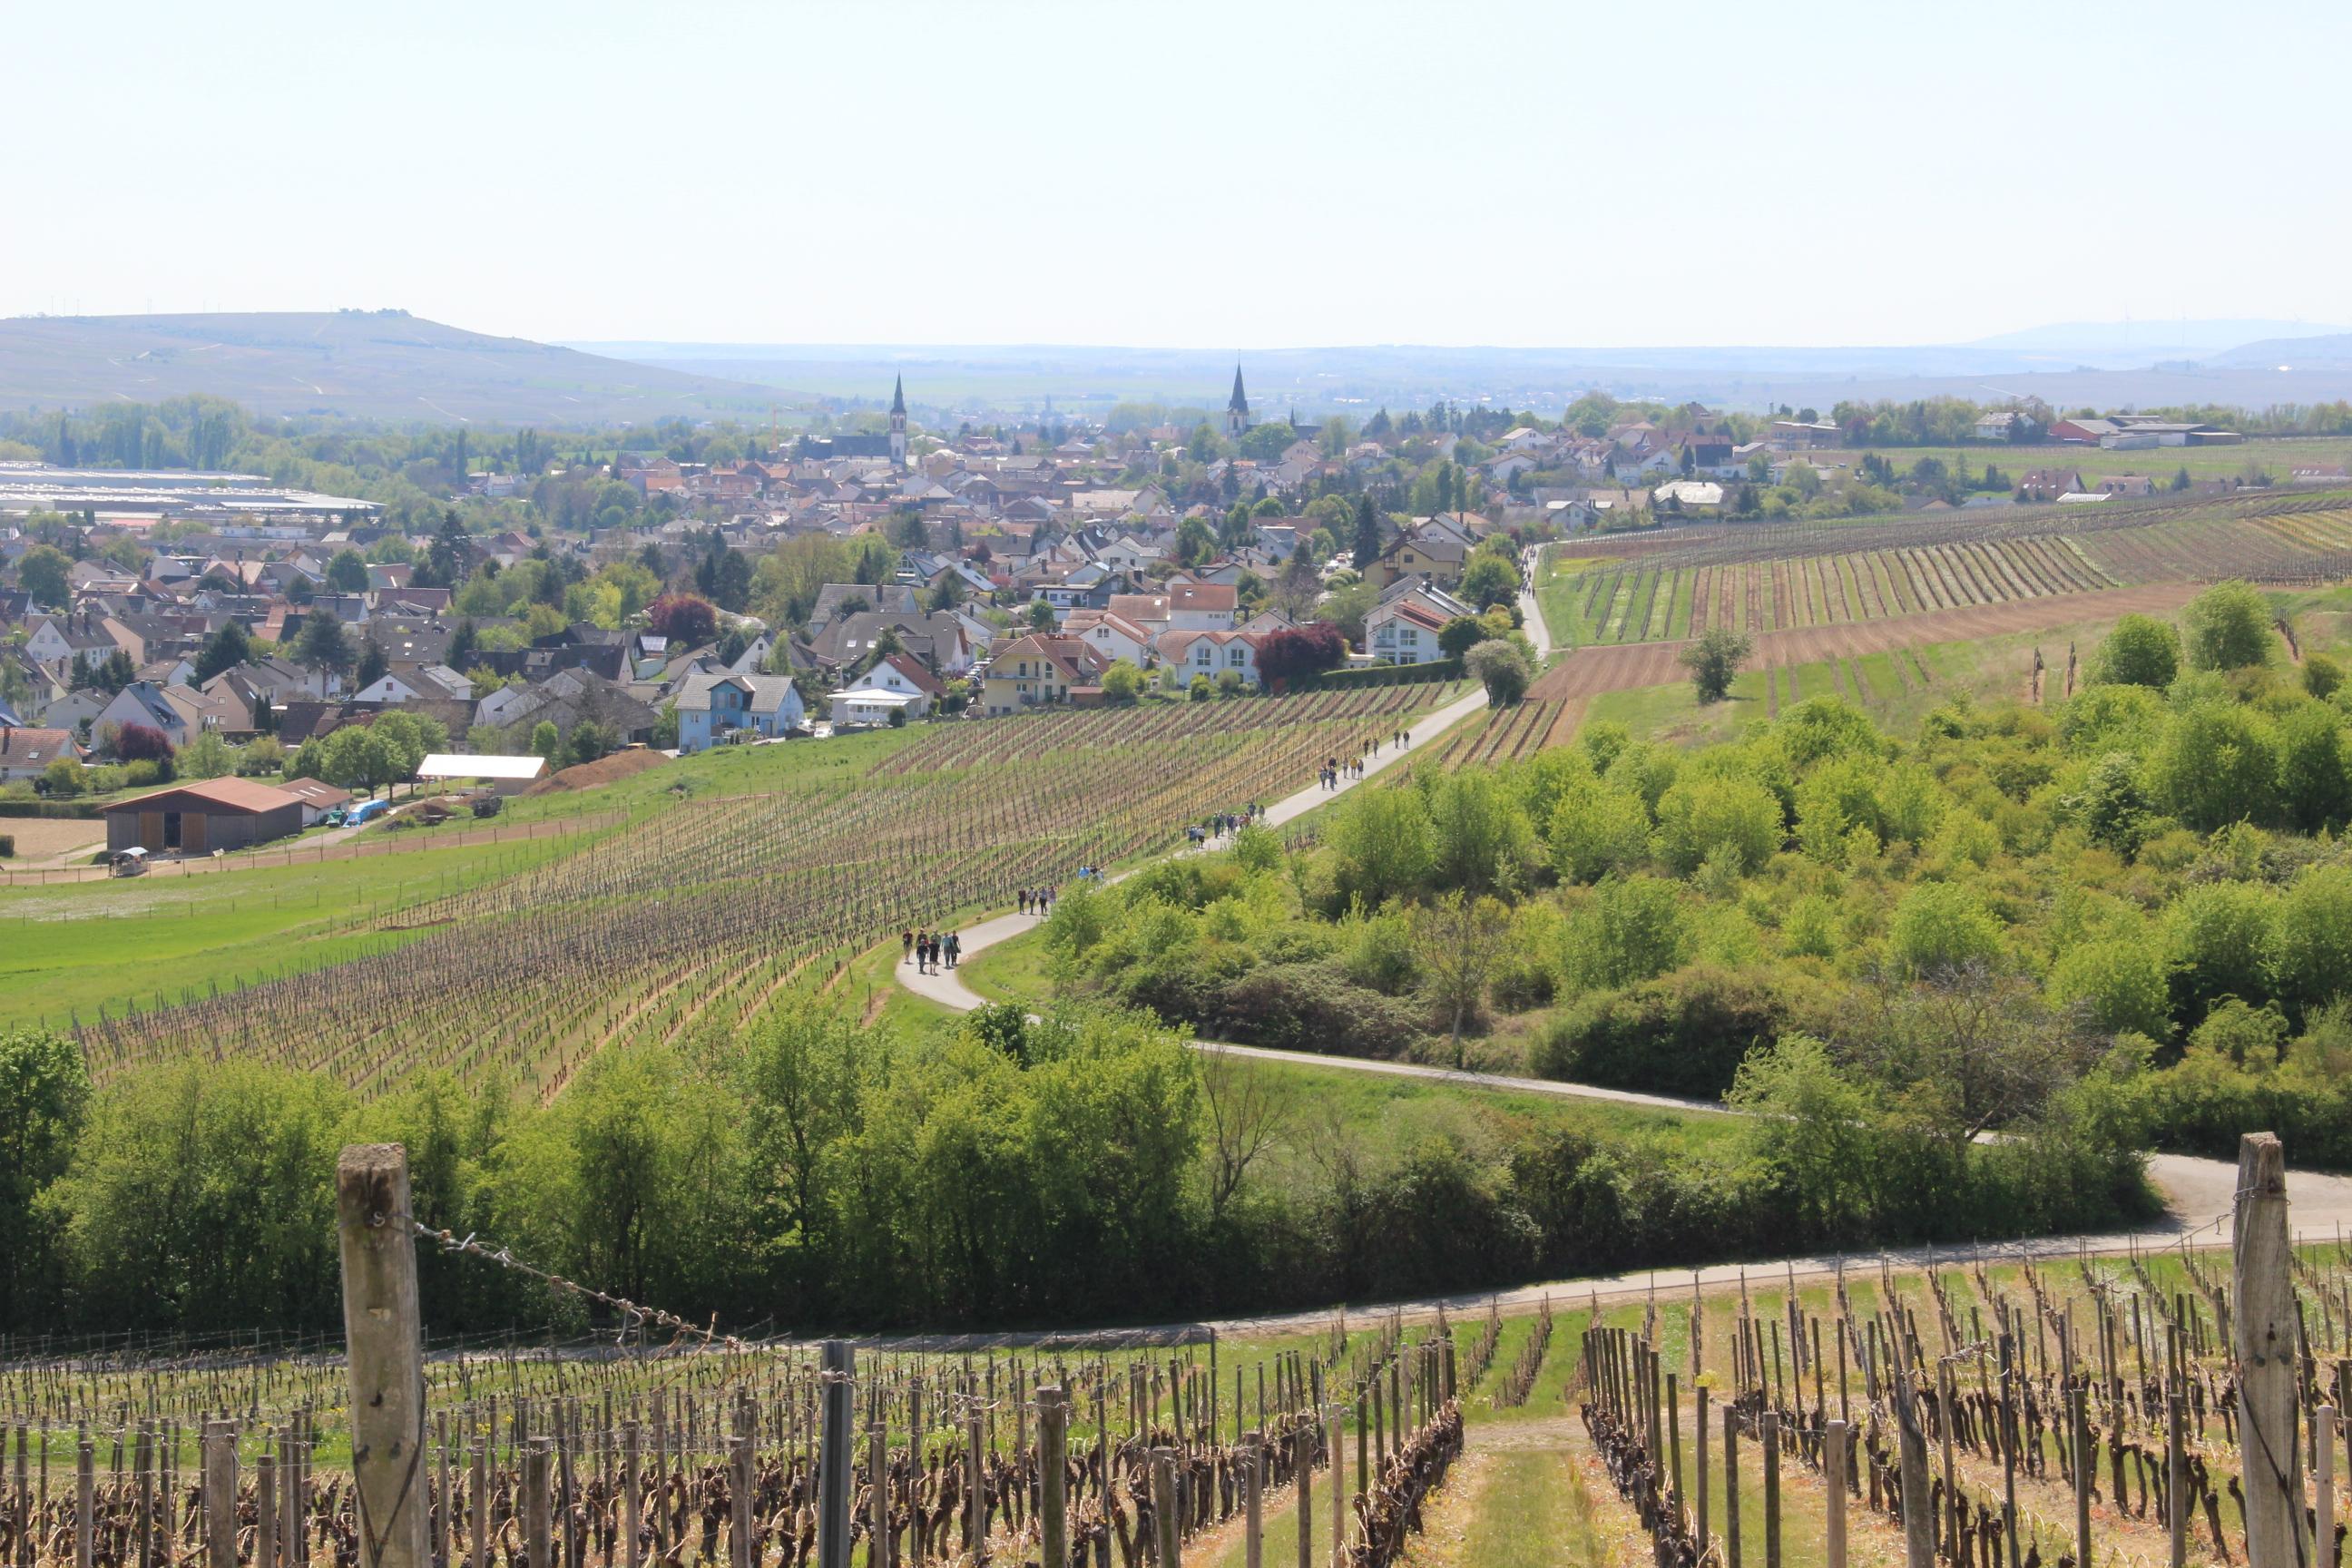 Blick auf Langenlonsheim, Illustration zum Weinwanderwochenende